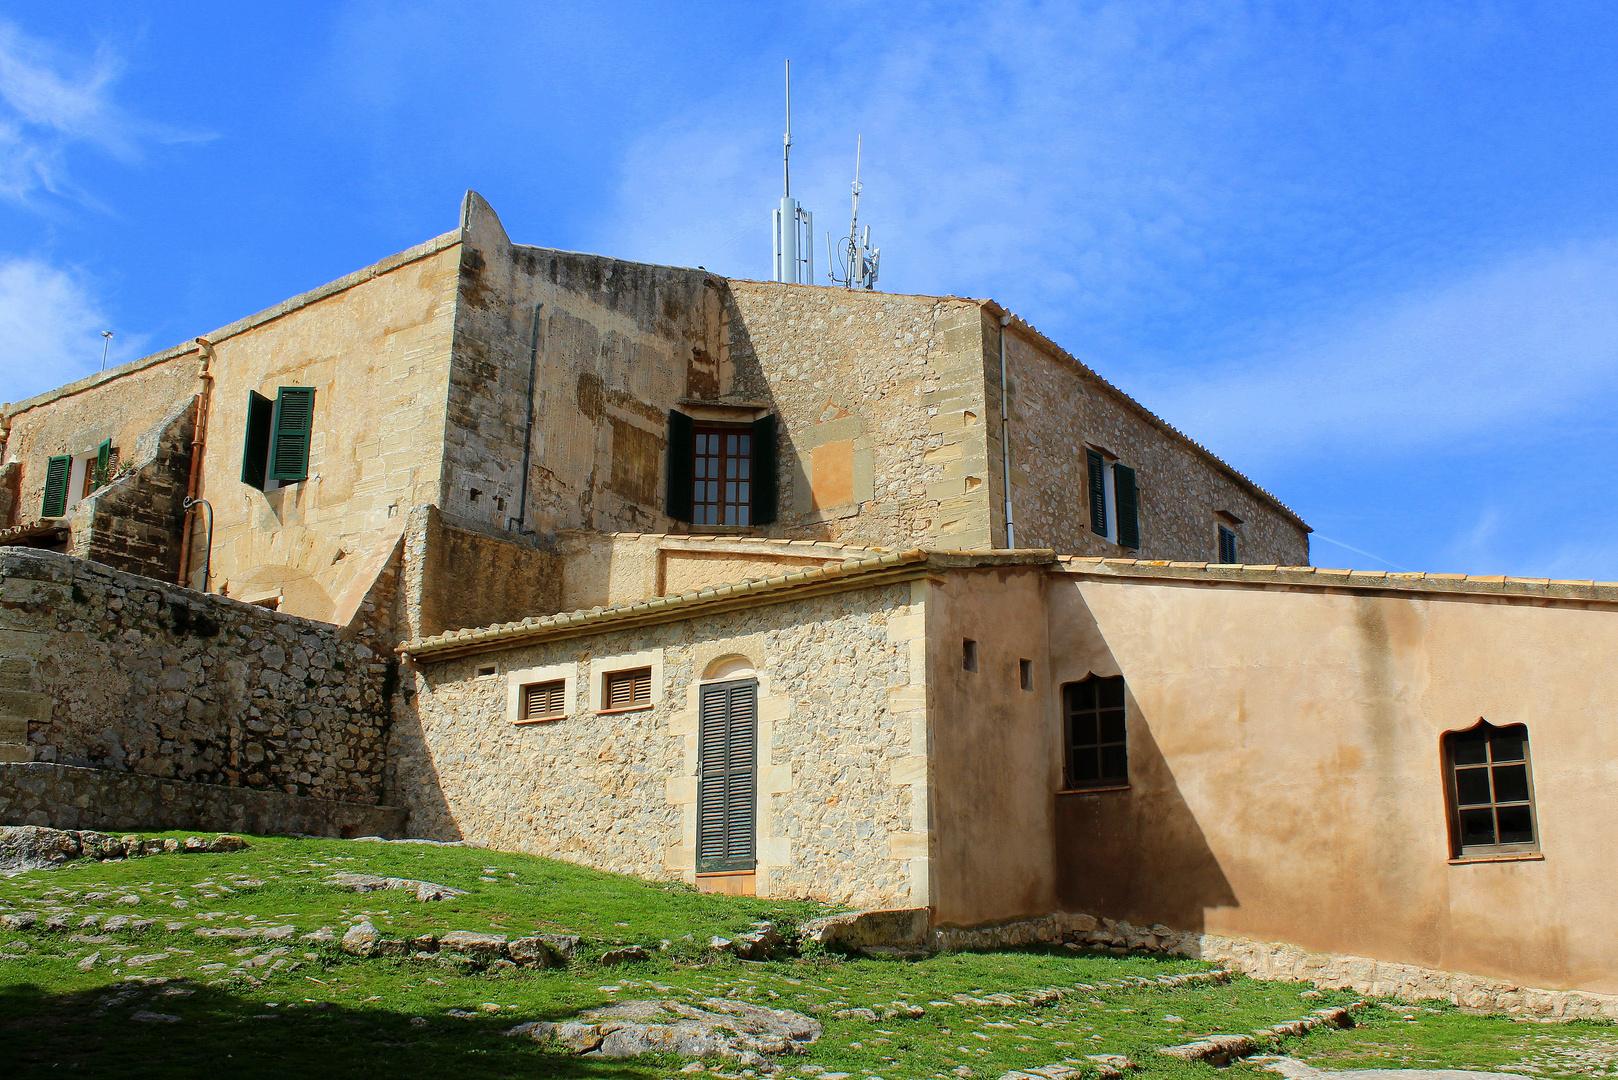 Eremita de Nostra Senyora de Puig  auf dem Puig de Santa Maria bei Pollensa